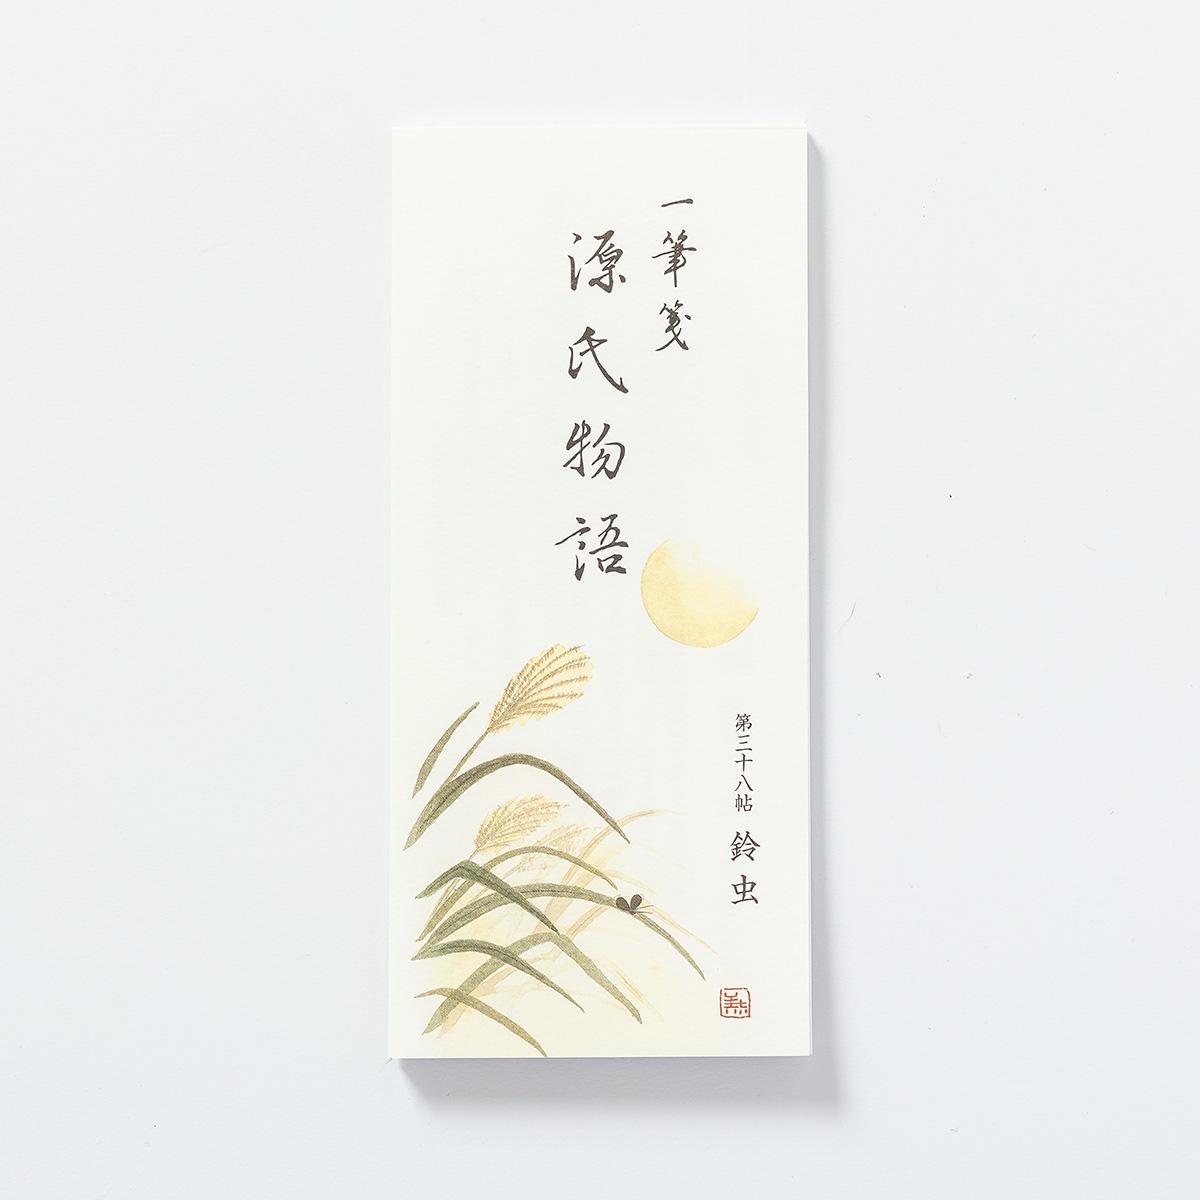 源氏物語一筆箋 第38帖「鈴虫」